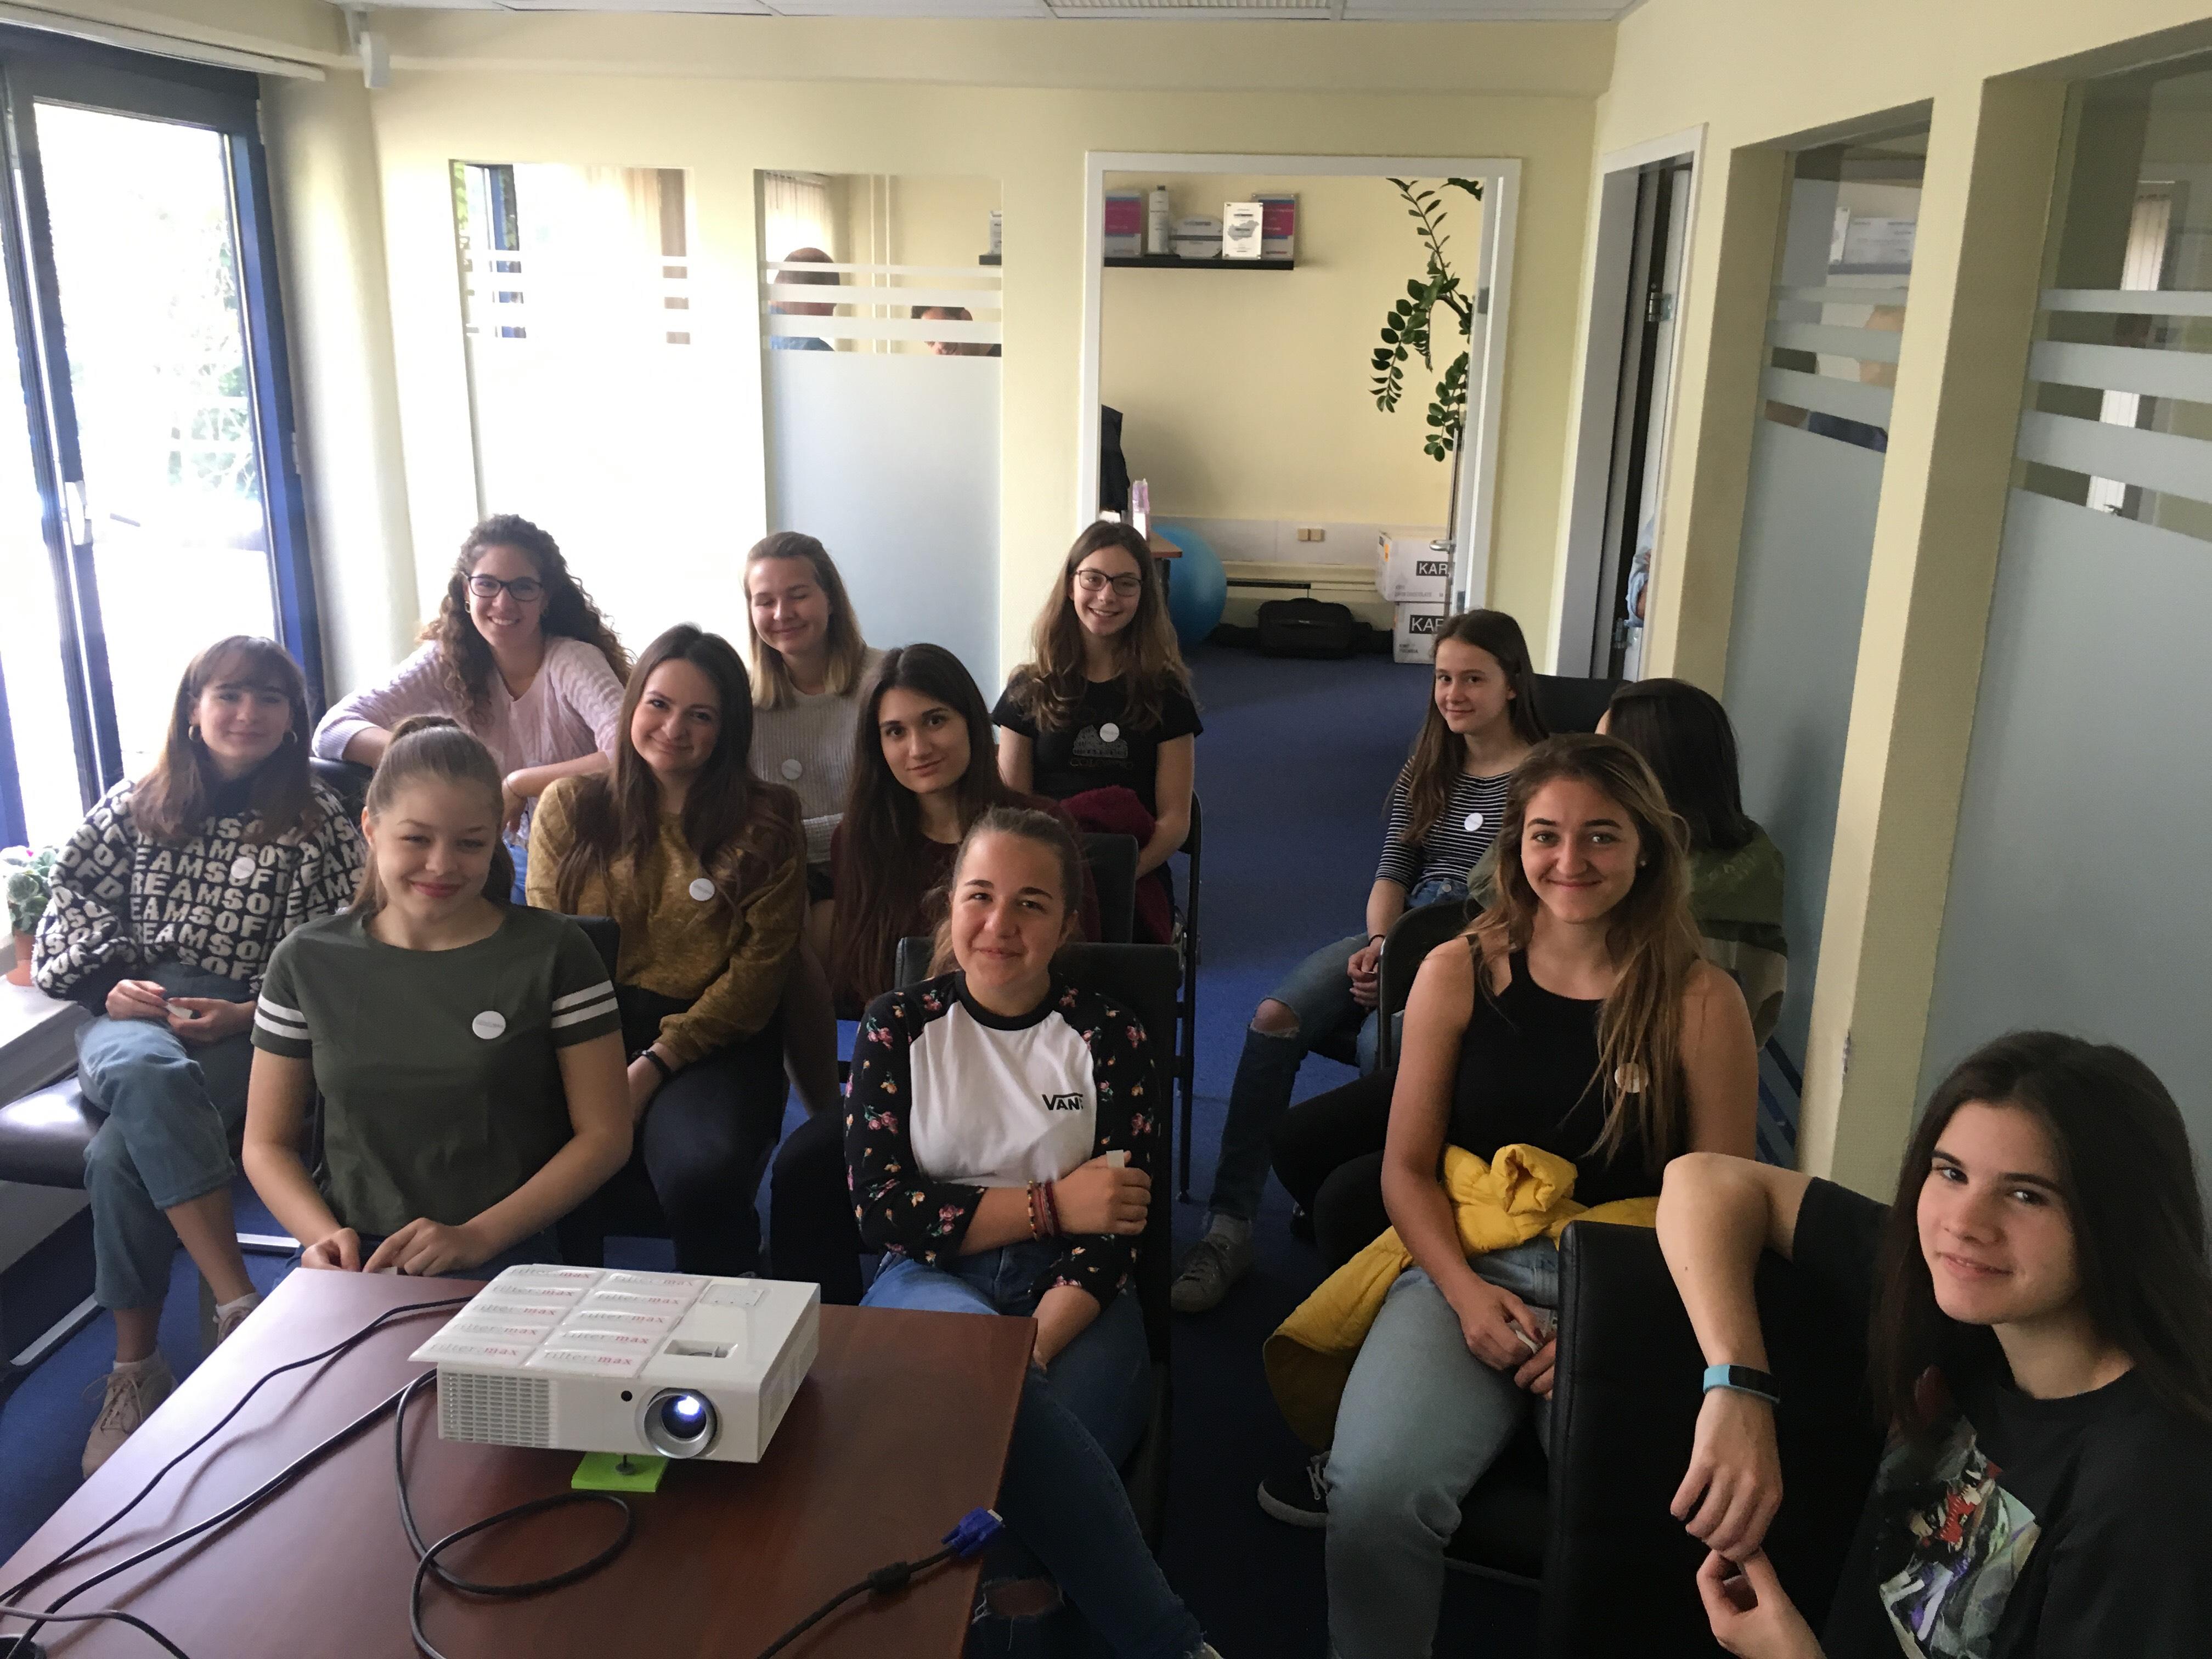 Teltházas Lányok Napja a filter:max irodában